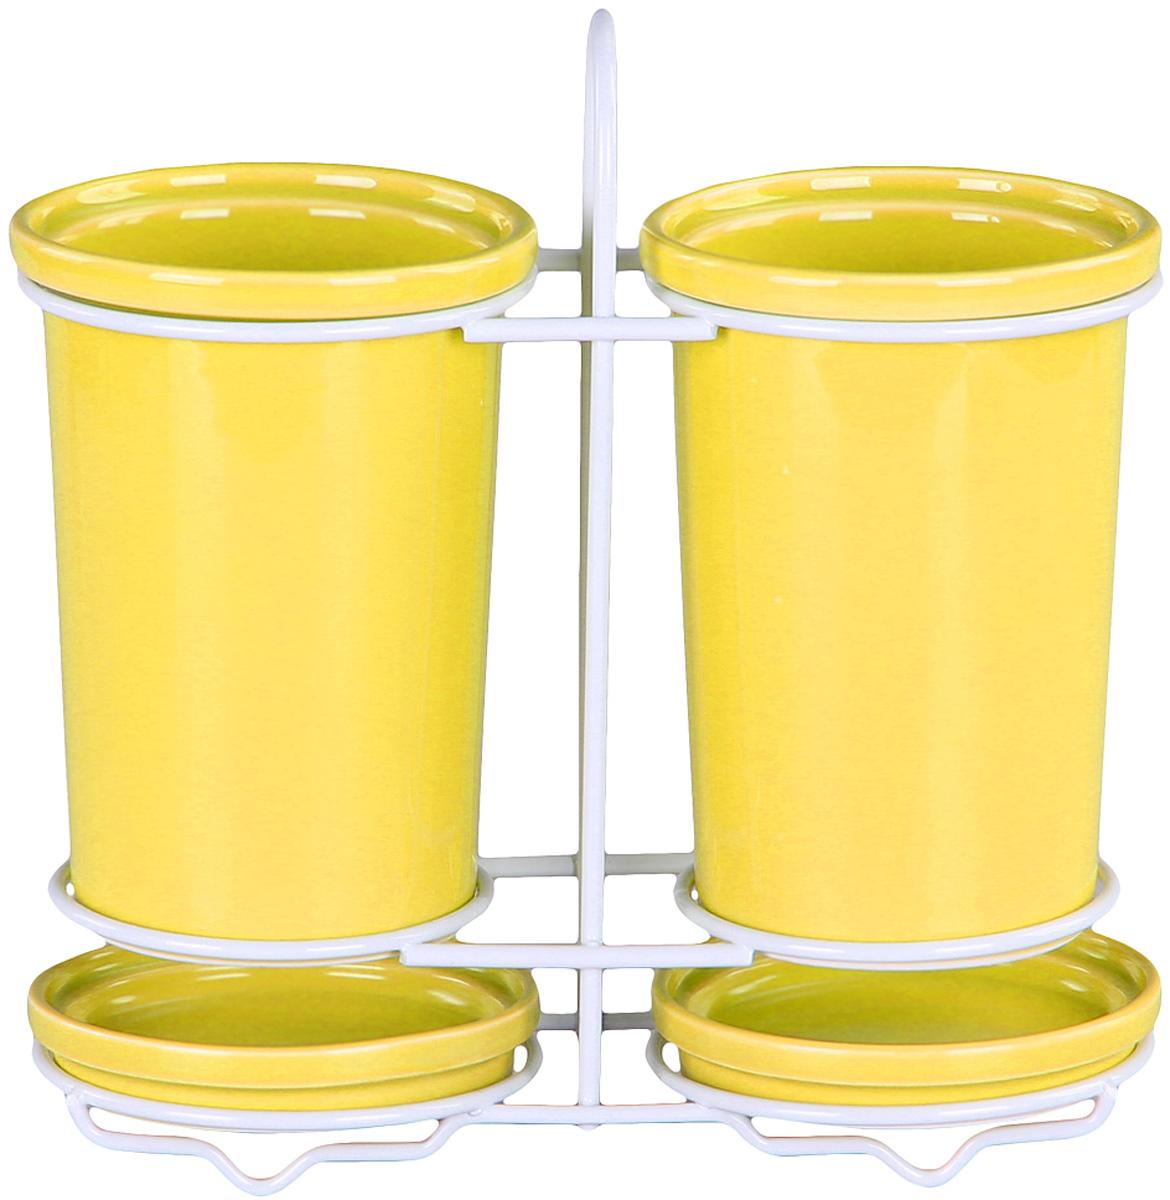 Подставка для столовых приборов PatriciaIM99-5234Подставка Patricia для столовых приборов и поддон выполнены из керамики, а специальный держатель из хромированной стали. Применение в производстве специальных эмалей позволяет керамике, используемой в этом изделии, соперничать по своим эстетическим свойствам с фарфором. Поддон для сбора воды легко мыть благодаря удобной конструкции держателя.Высота емкости для приборов: 13 см. Диаметр емкости для приборов: 8,5 см.